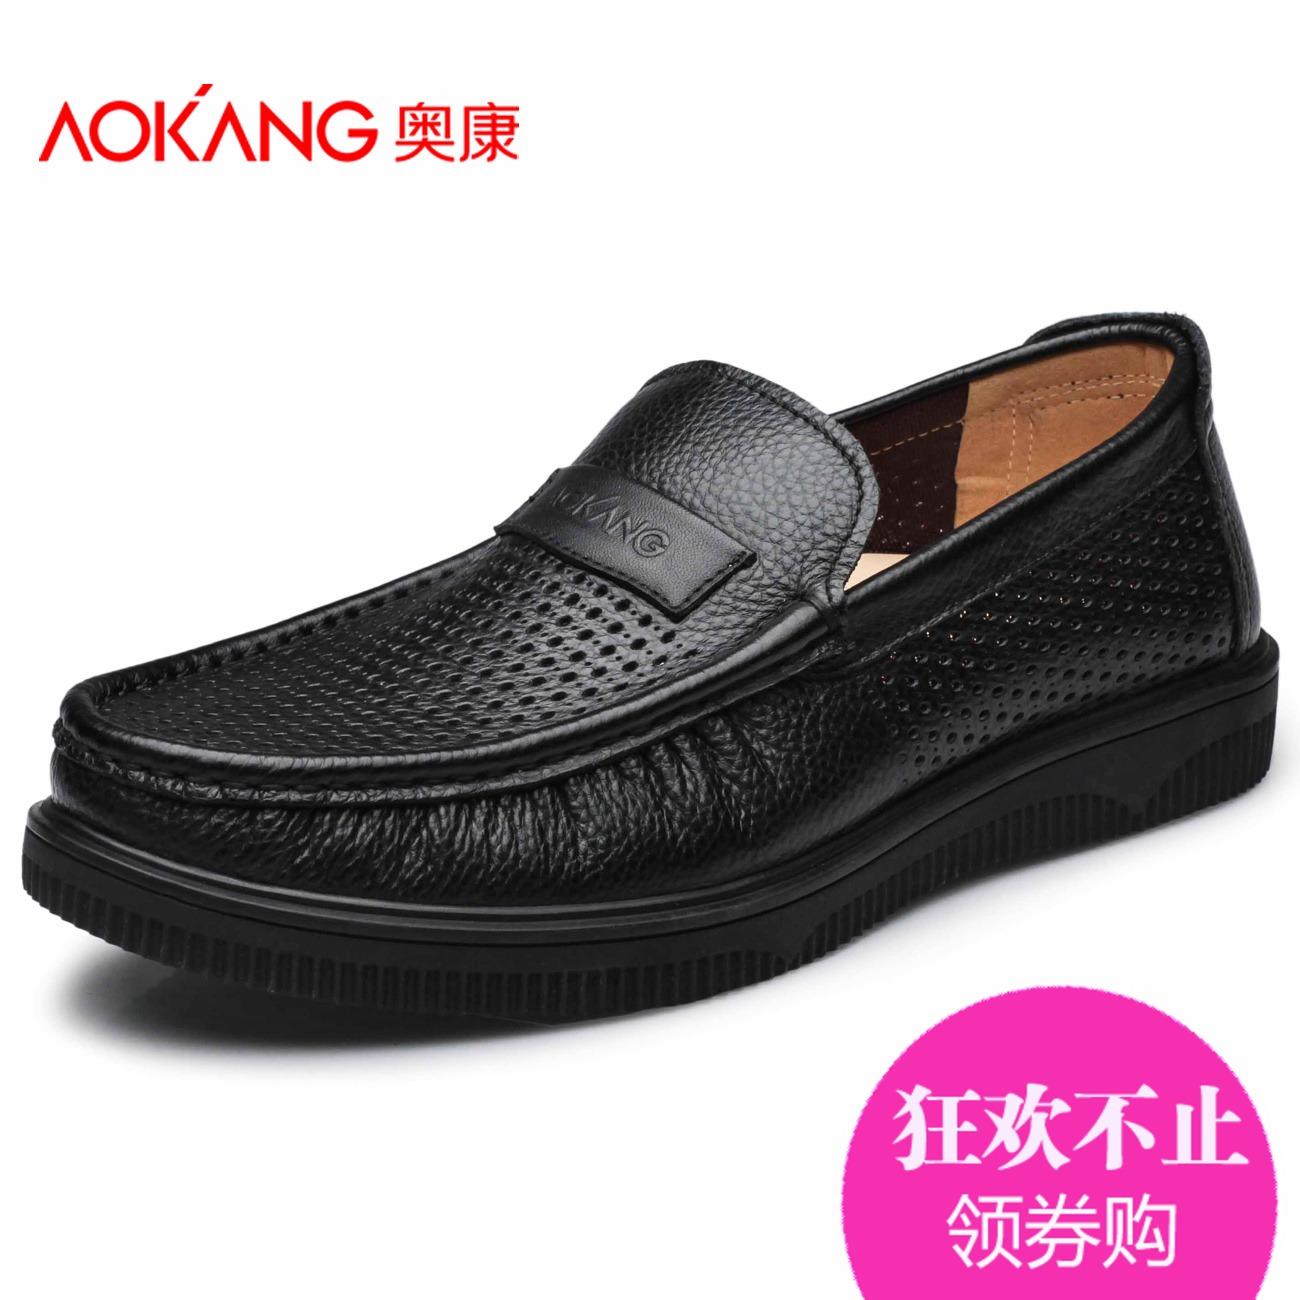 奥康男鞋 2014春季新款男士舒适软透气日常休闲皮鞋 潮 洞洞鞋